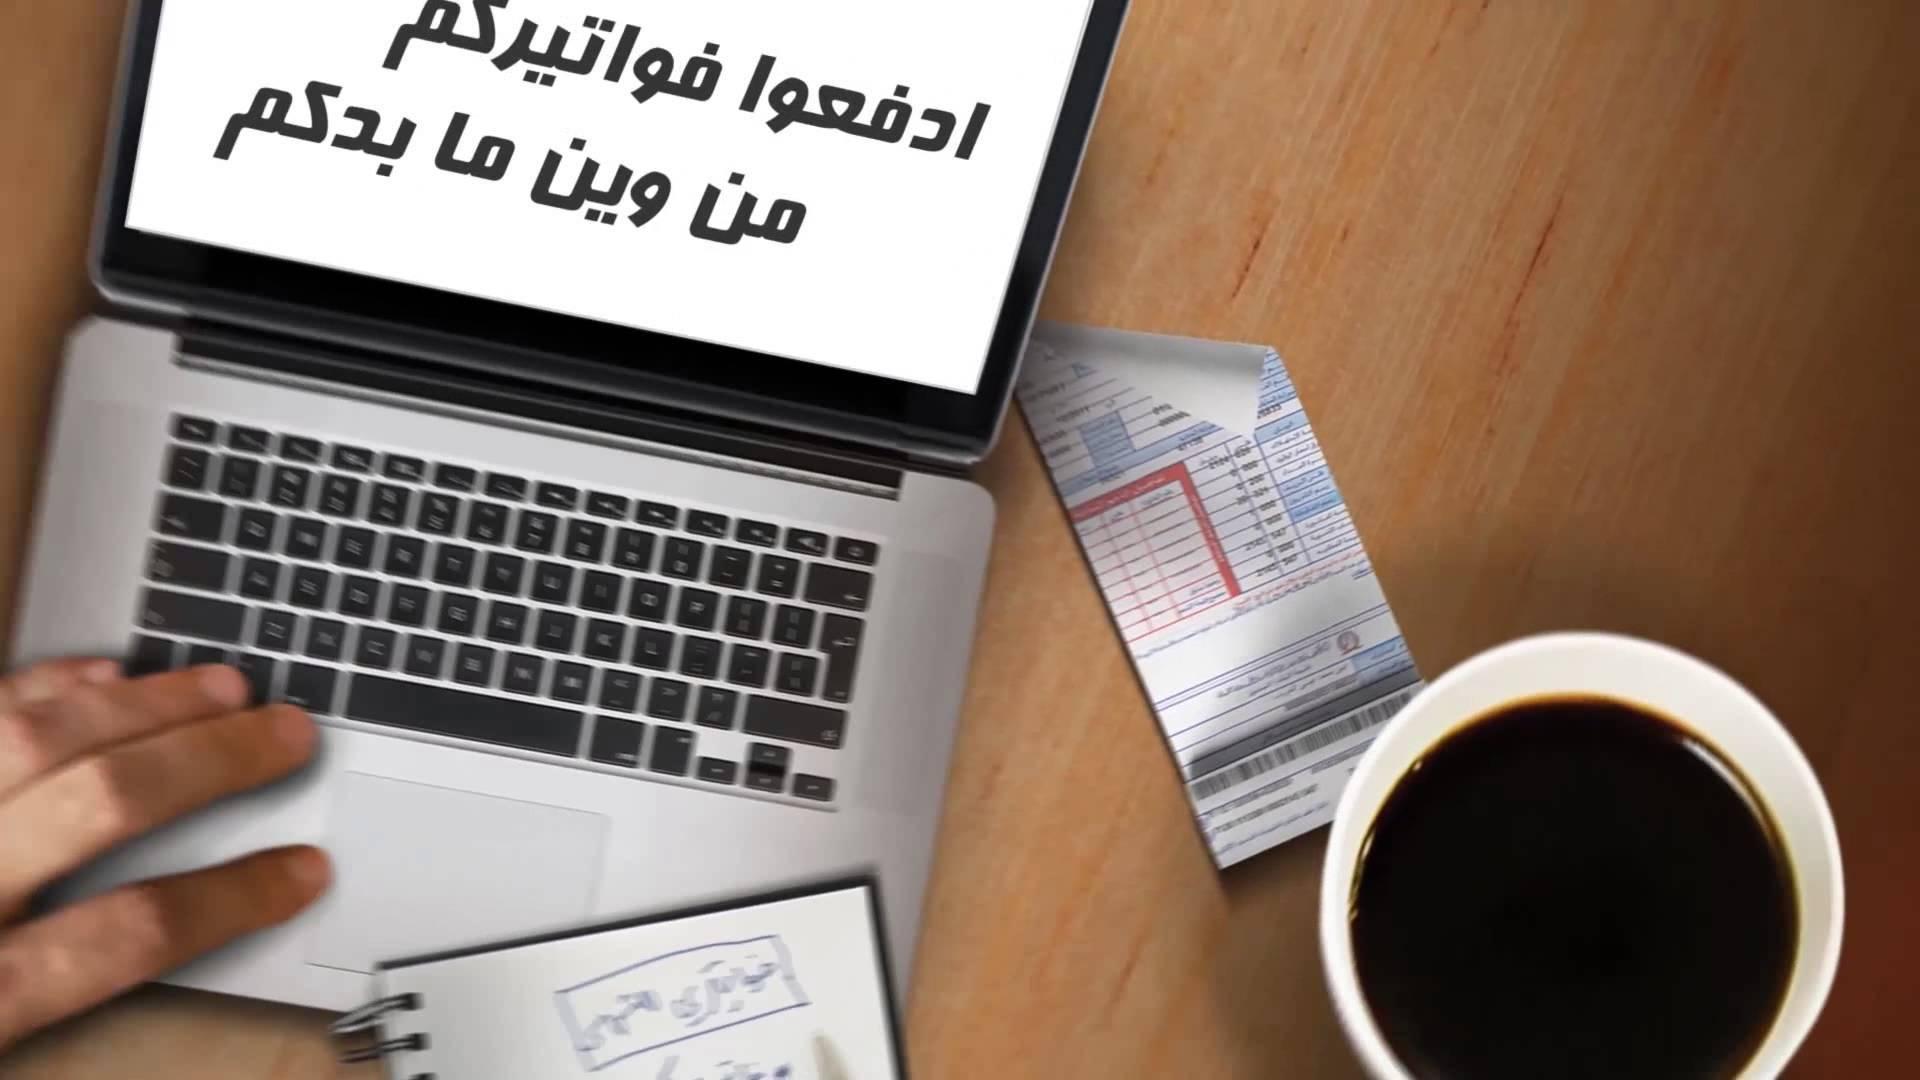 الأردنيون يسددون 2.2 مليار دينار عبر ''اي فواتيركم''